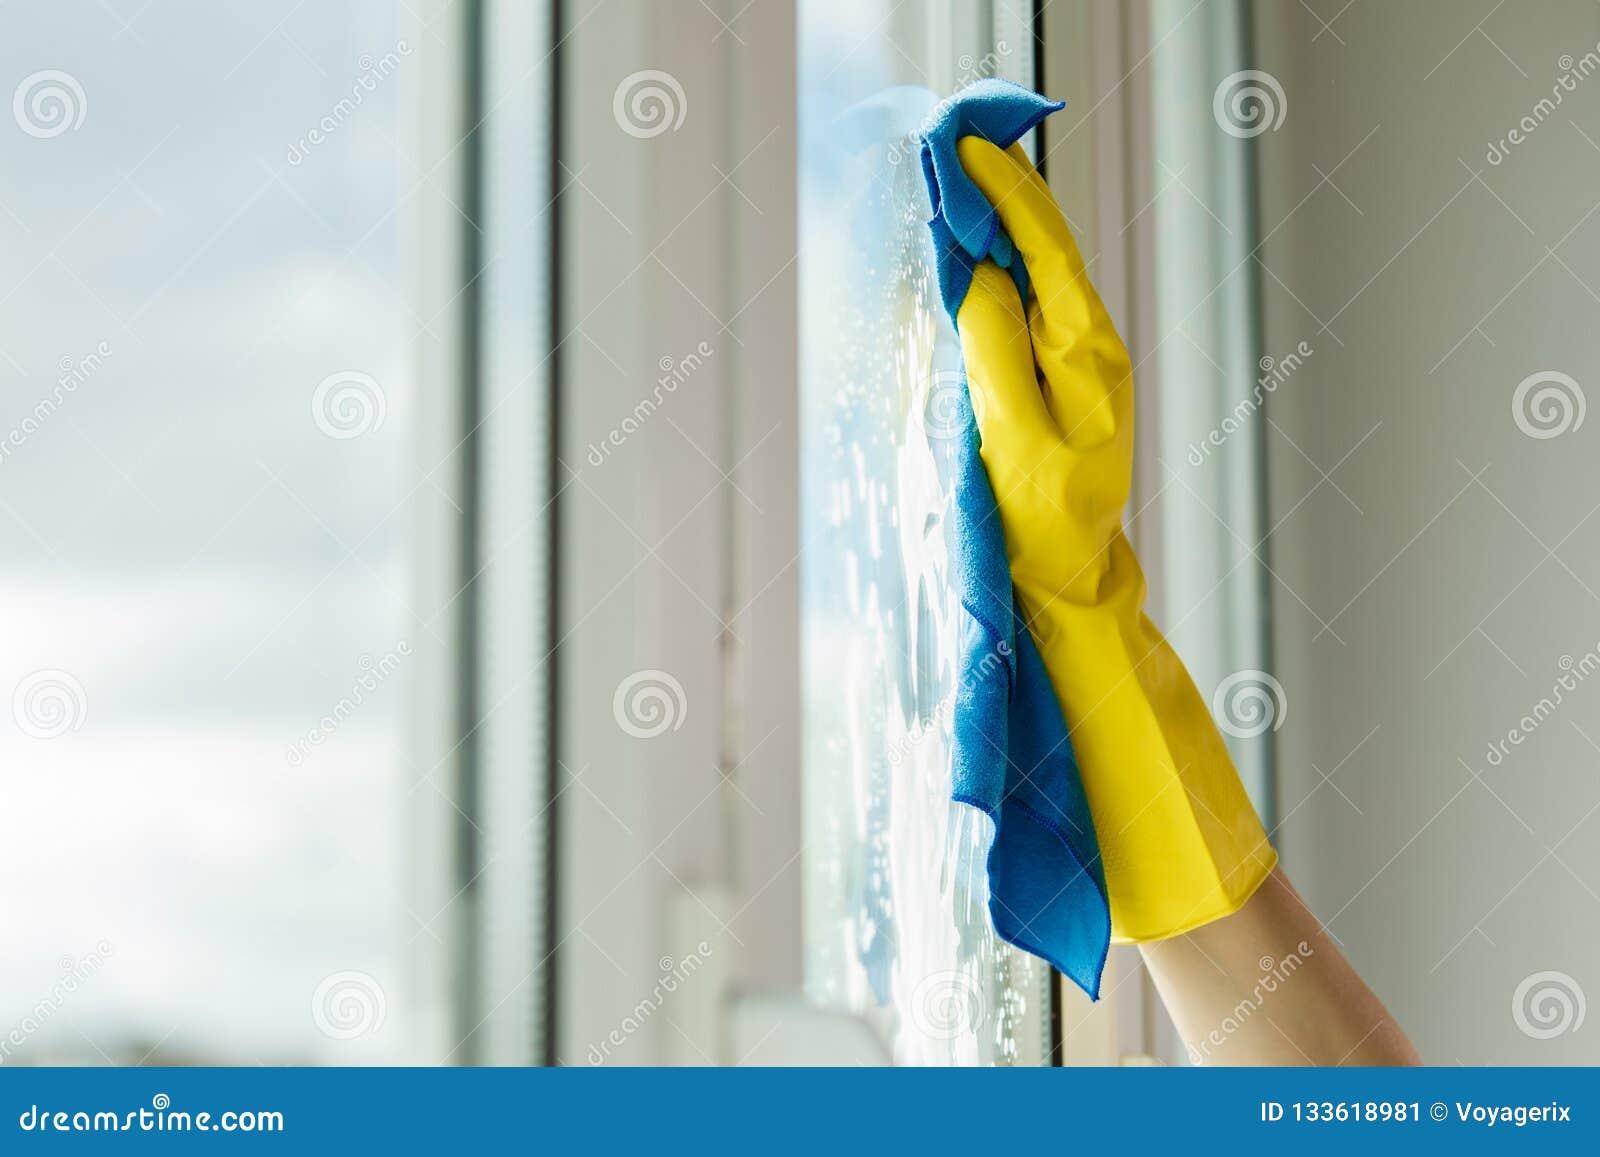 手清洁窗口在家使用洗涤剂旧布